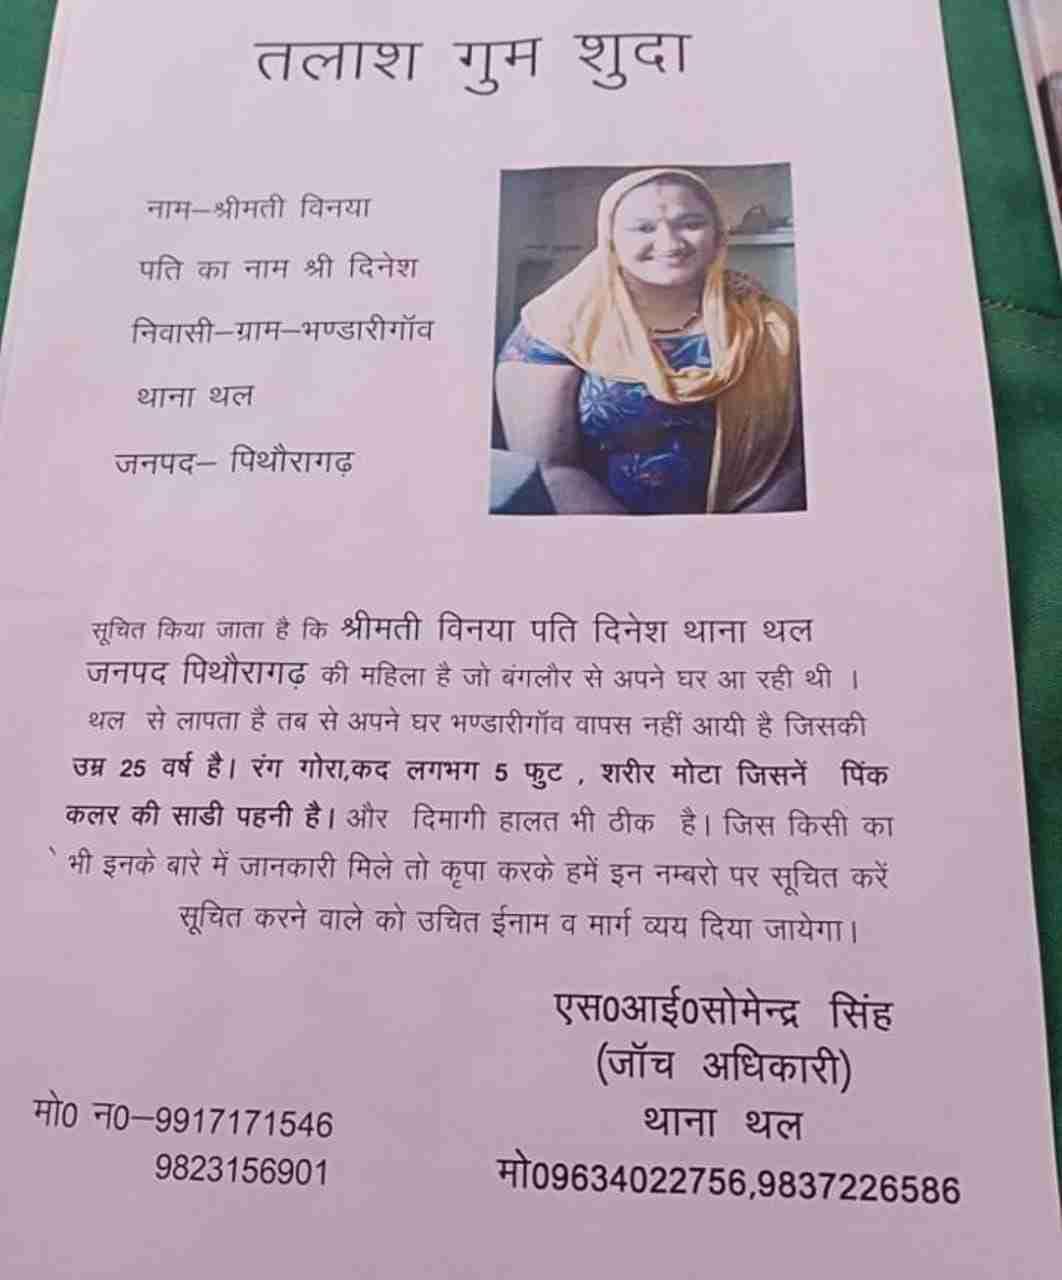 थल में एक महिला हुई लापता, तीन दिन में भी कोई सुराग नही, पुलिस जुटीं जांच में 2